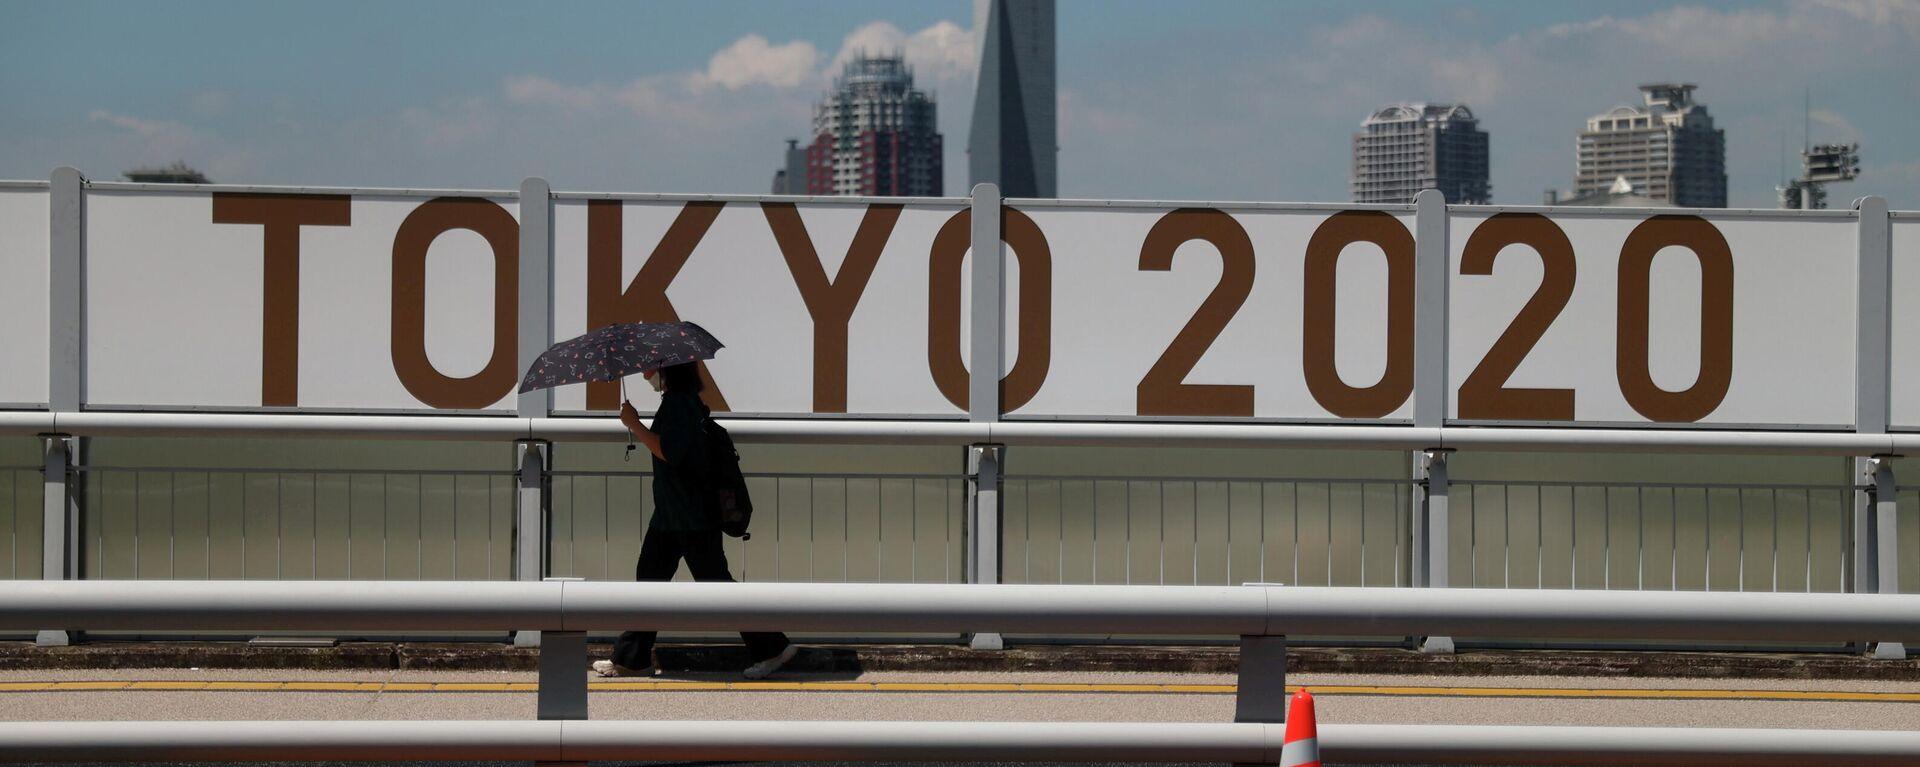 Olympische Spiele in Tokio  - SNA, 1920, 20.07.2021